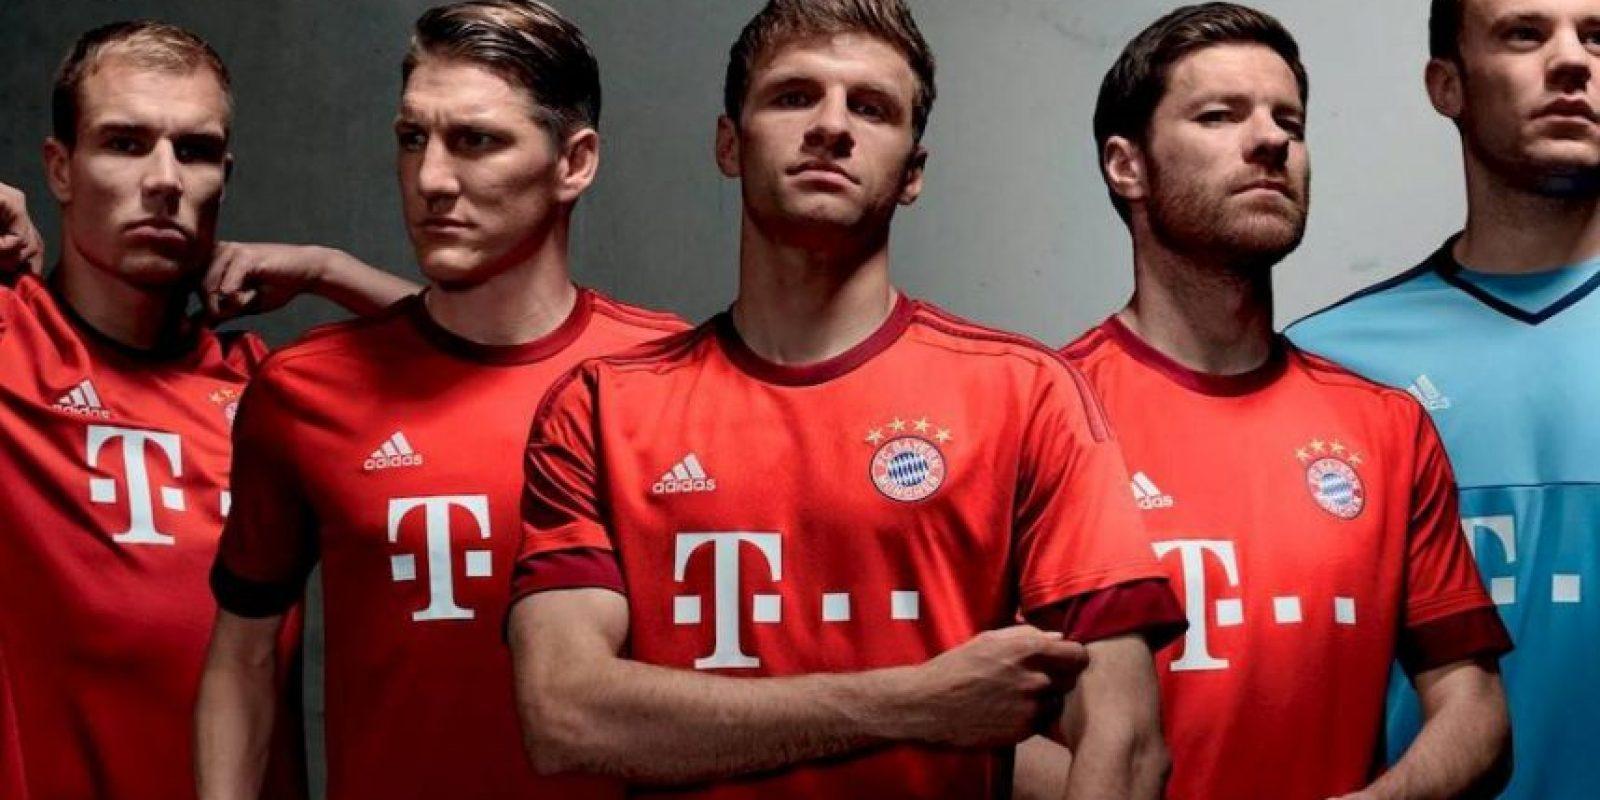 Así lucirá Bayern Munich durante la campaña que está por arrancar. Foto:Vía facebook.com/fcbayern.es